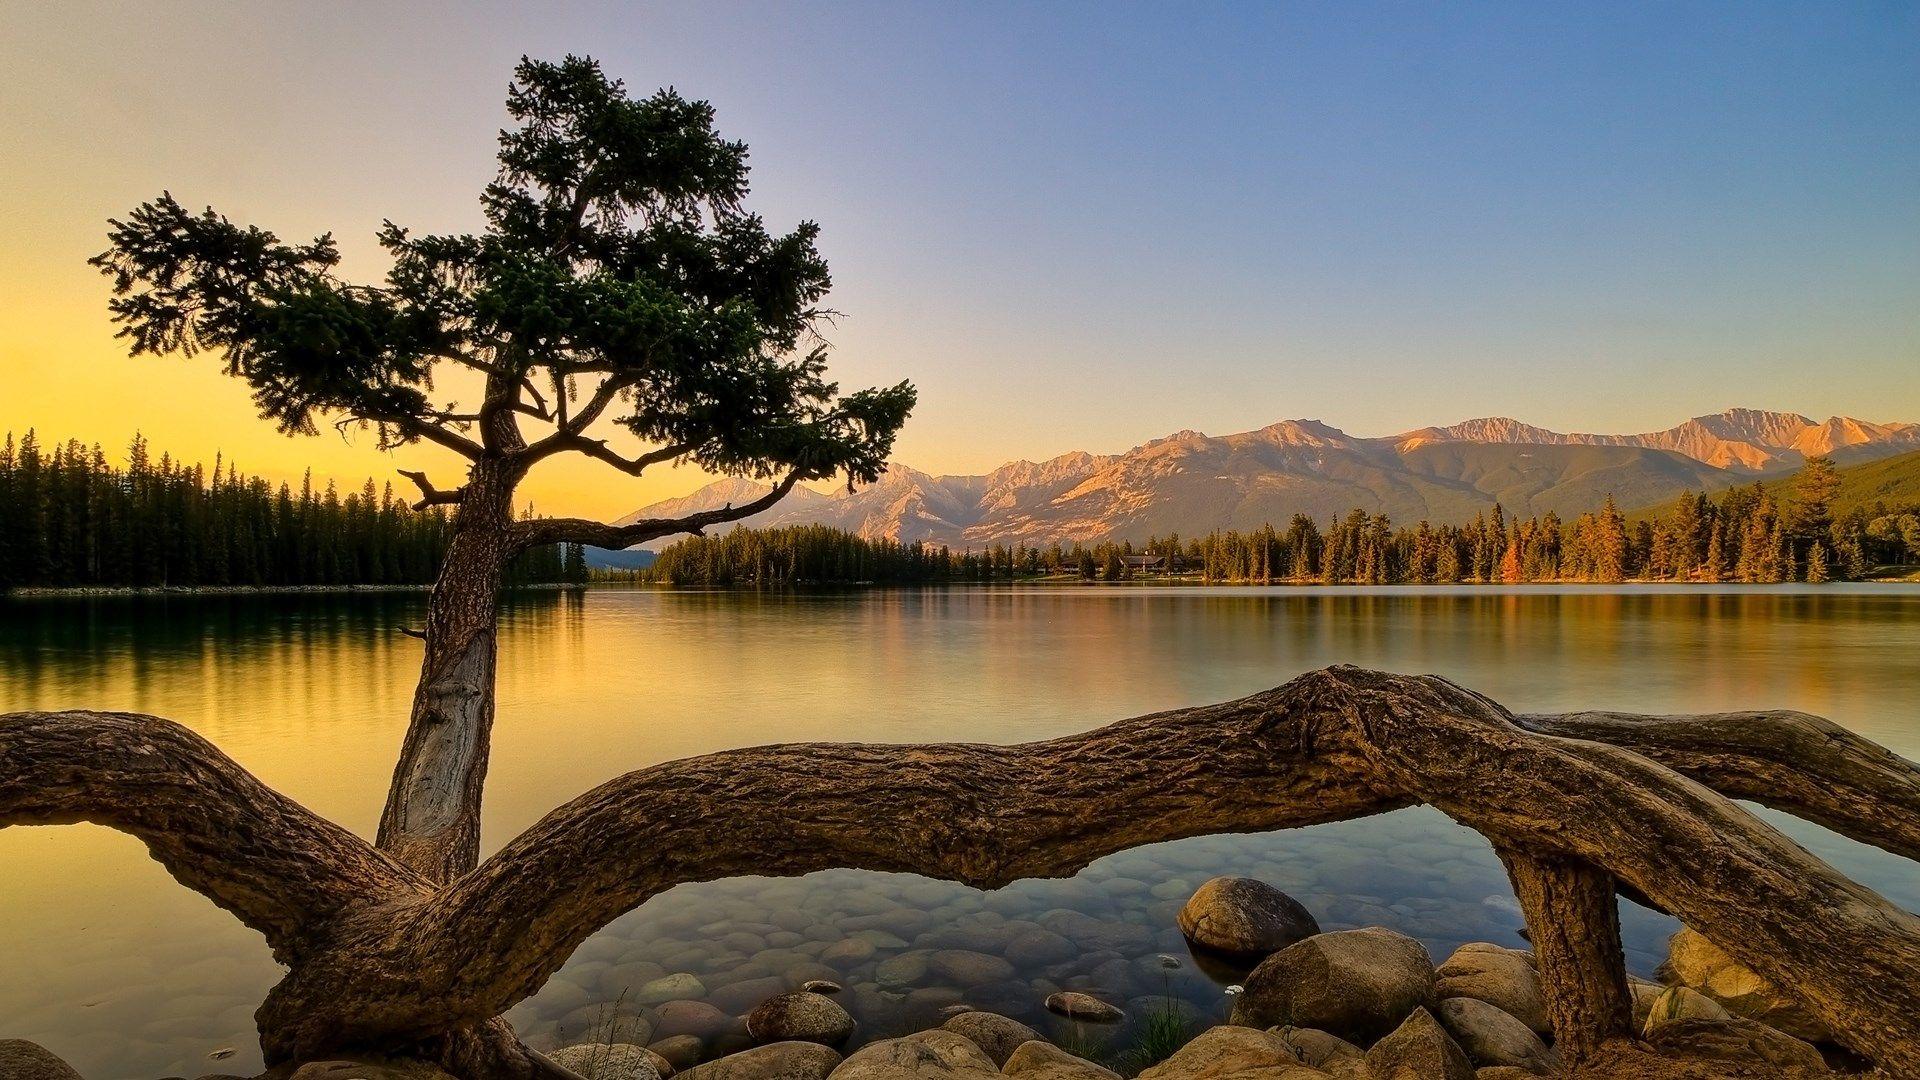 landscape images for backgrounds desktop free